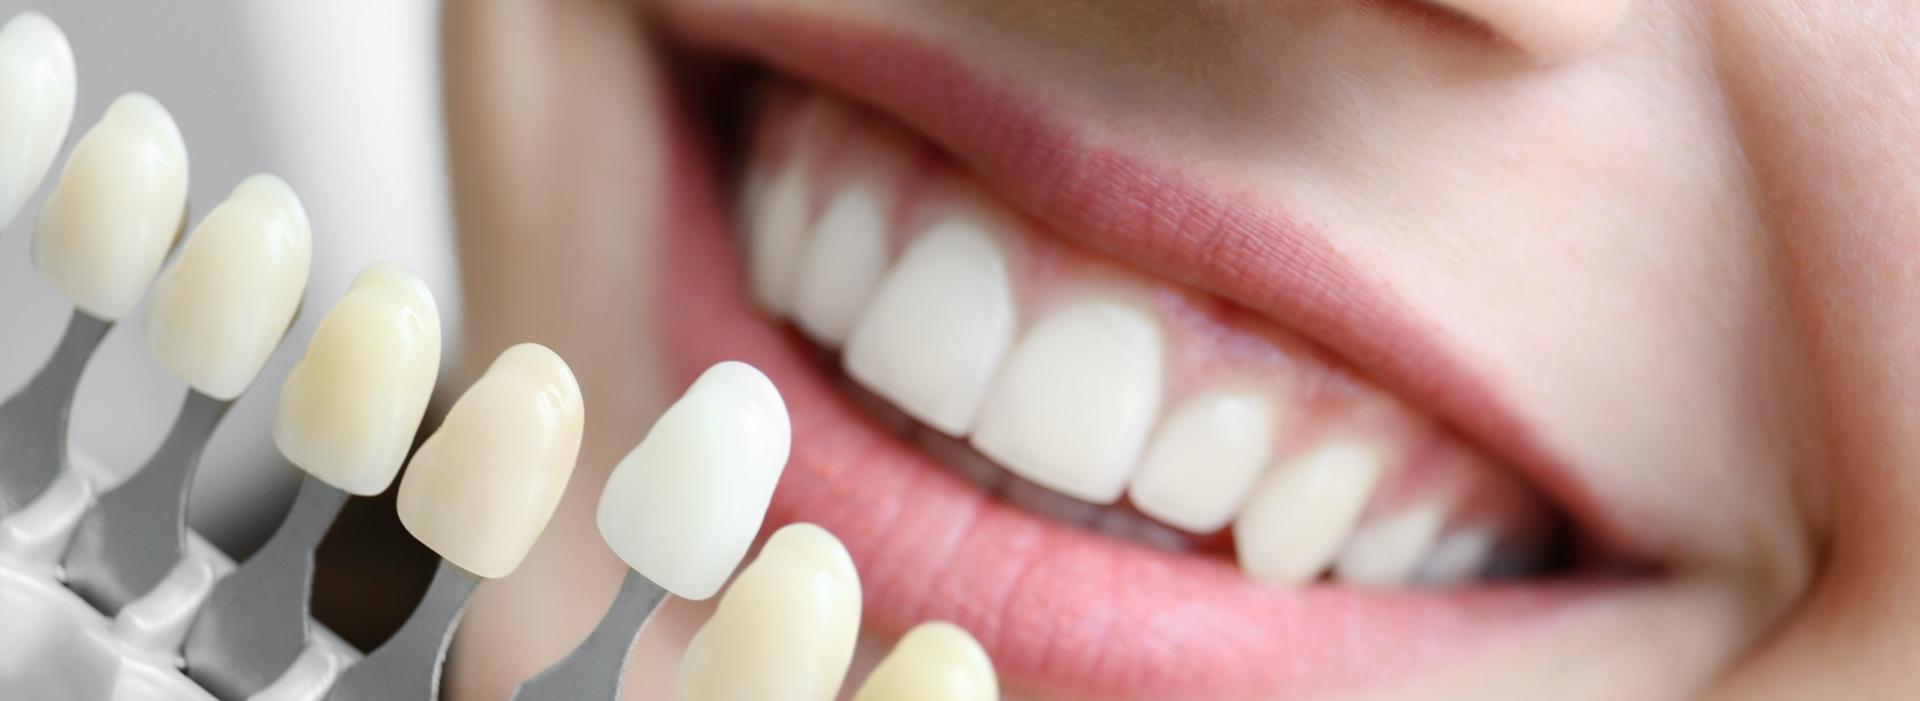 Накладки ставят только на те единицы, которые находятся в зоне улыбки – 6 зубов вверху и внизу.